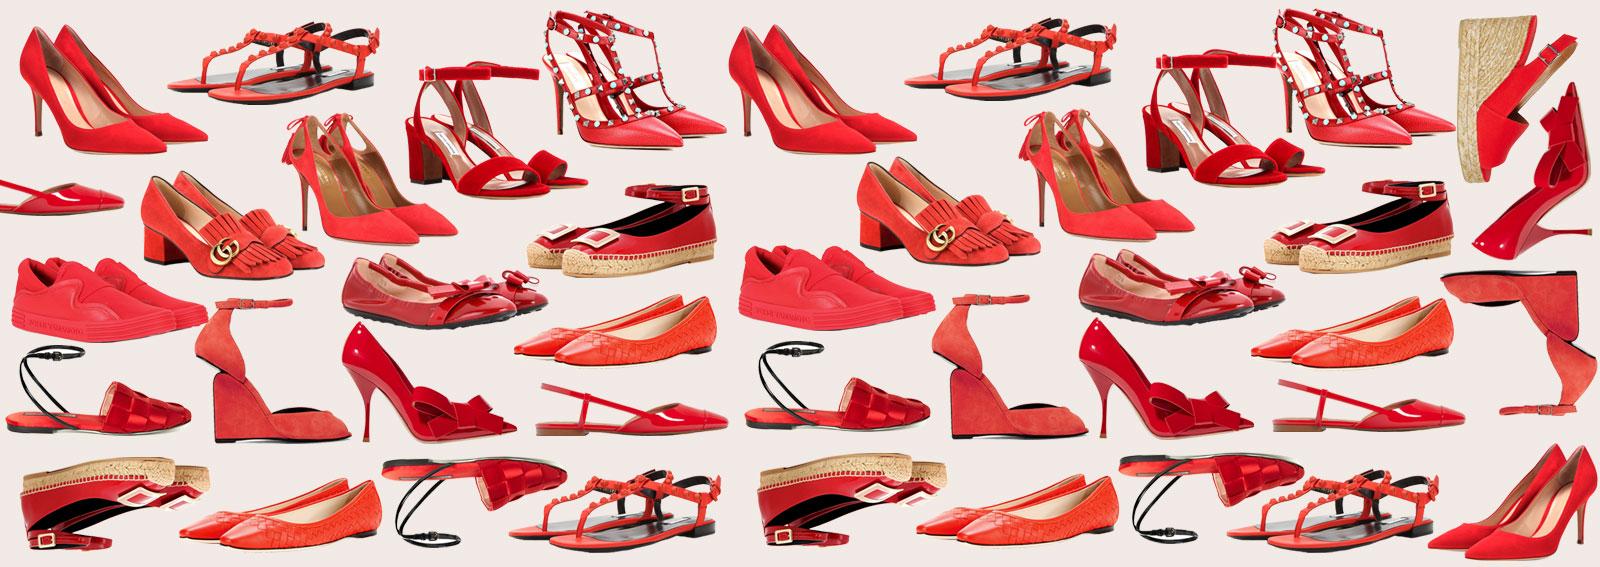 cover something red le scarpe rosse dekstop